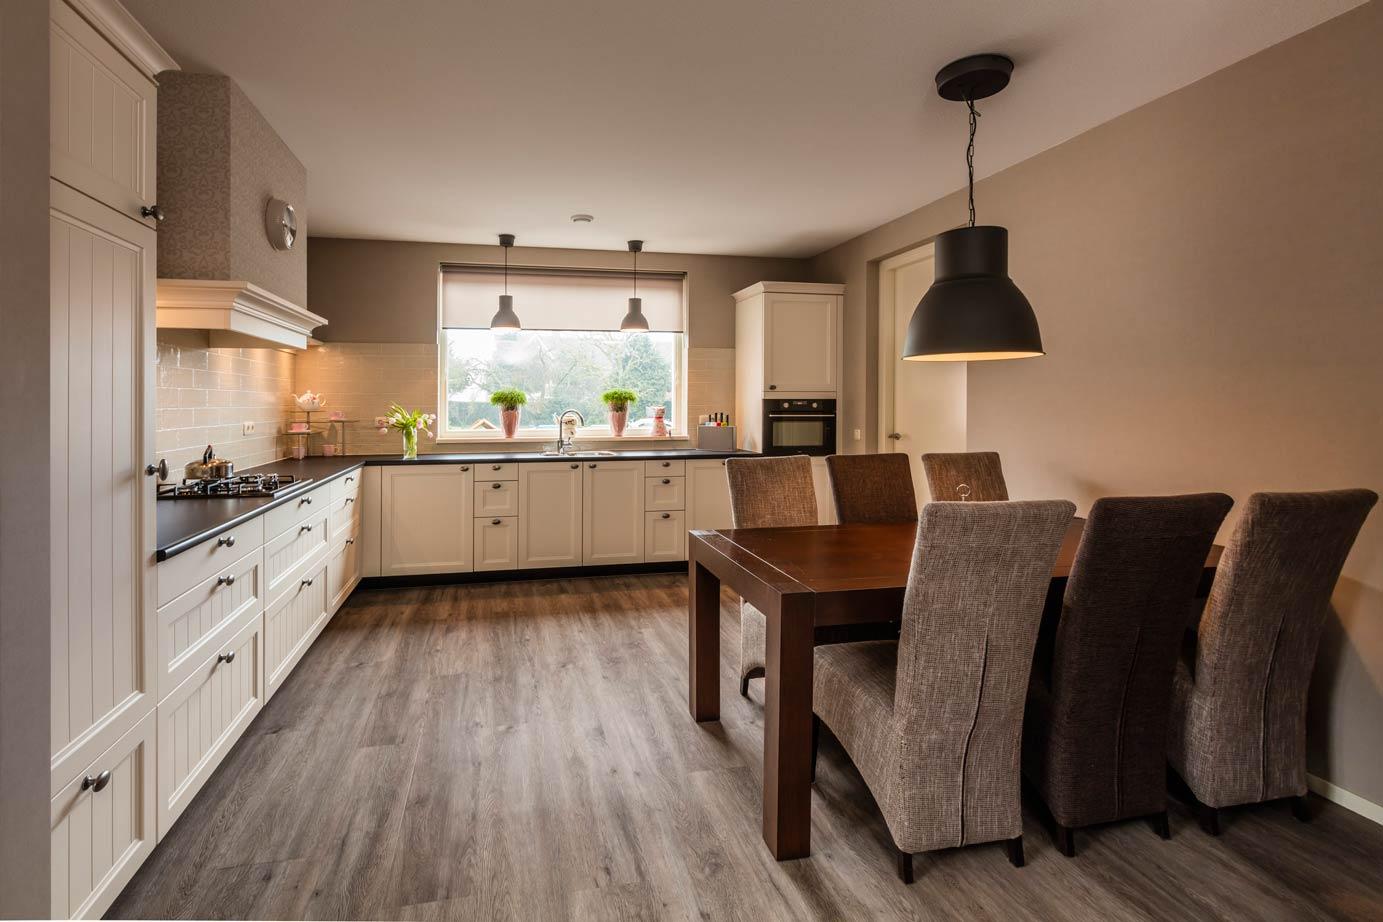 Keuken Landelijk Ramen : Keuken landelijk ramen classic massief houten u keuken landelijke